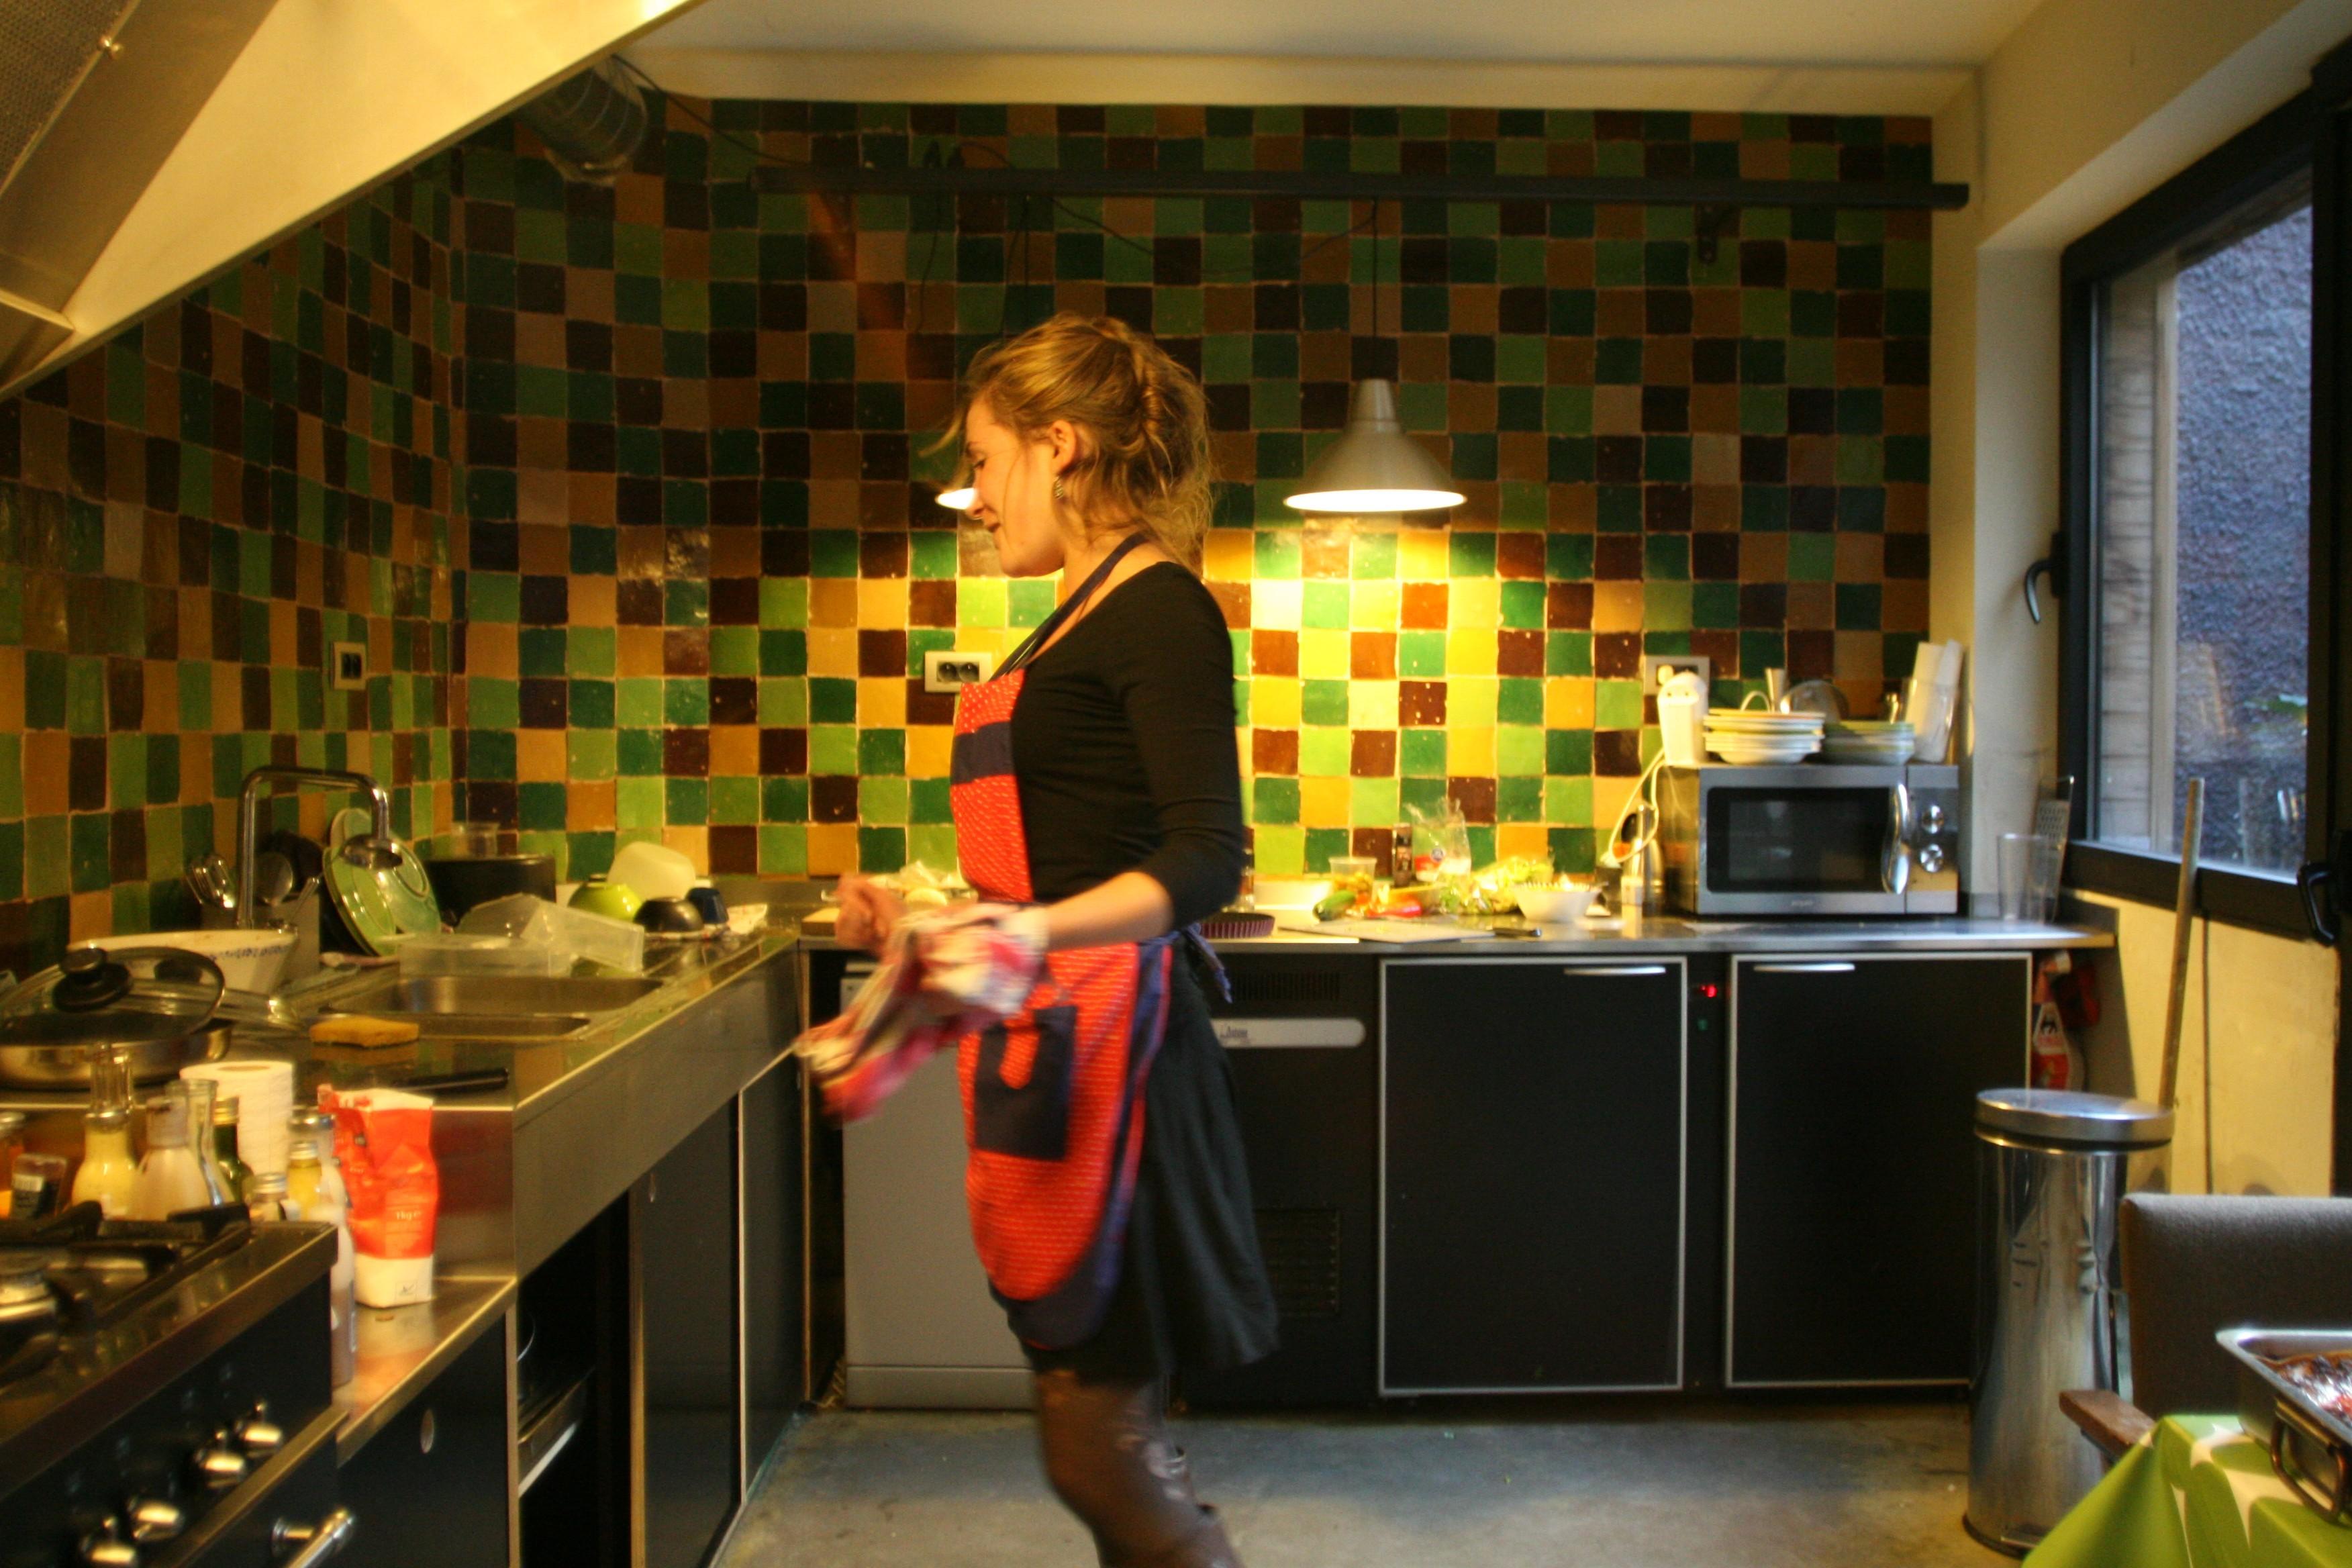 Marokkaanse Zelliges Keuken : Marokkaanse Zelliges Keuken : SMUK food in Leuven Open keuken